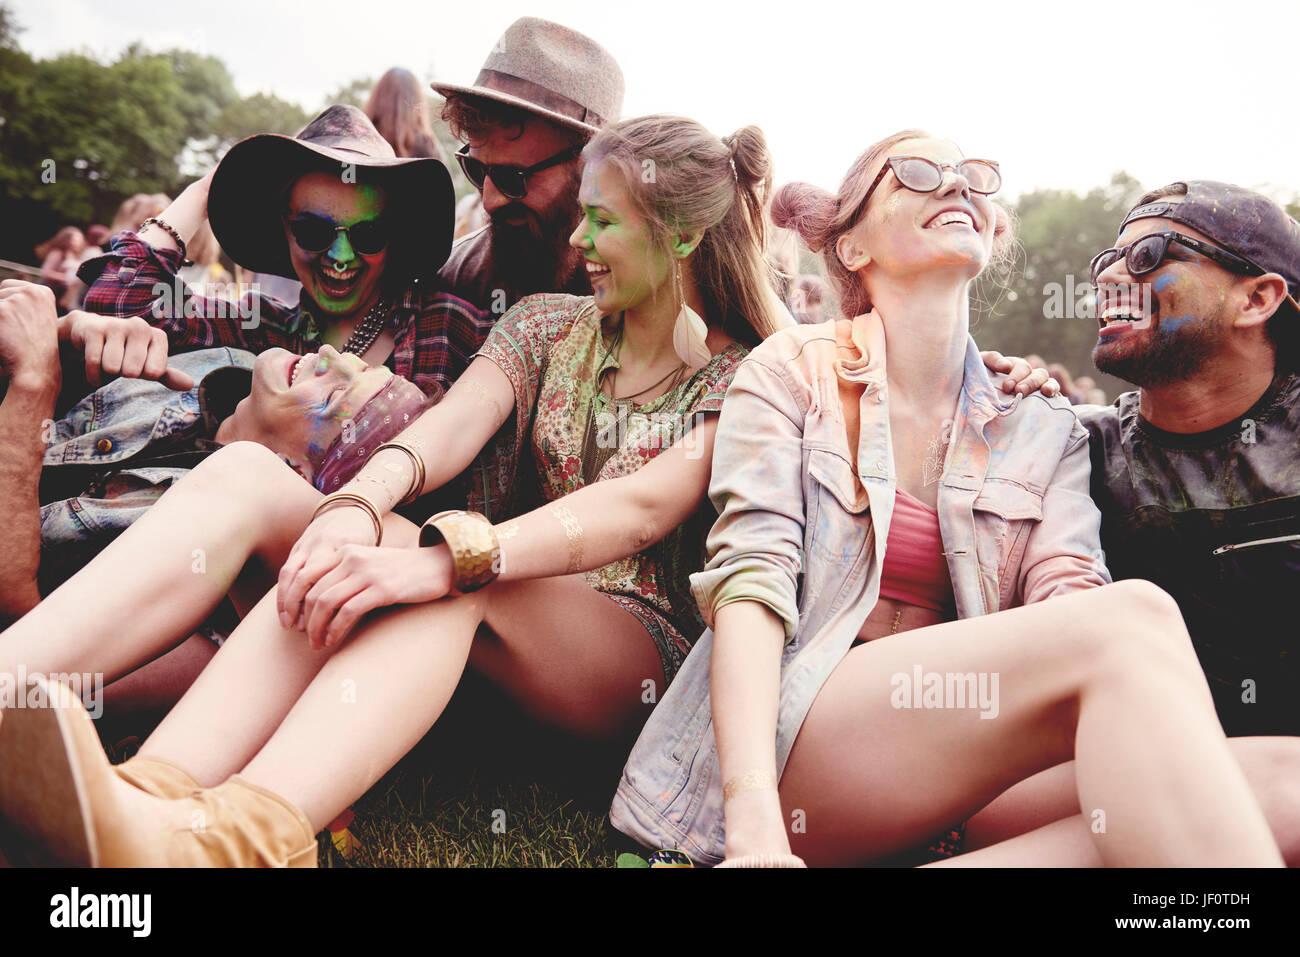 Grupo de Amigos sonrientes en el festival de verano Imagen De Stock